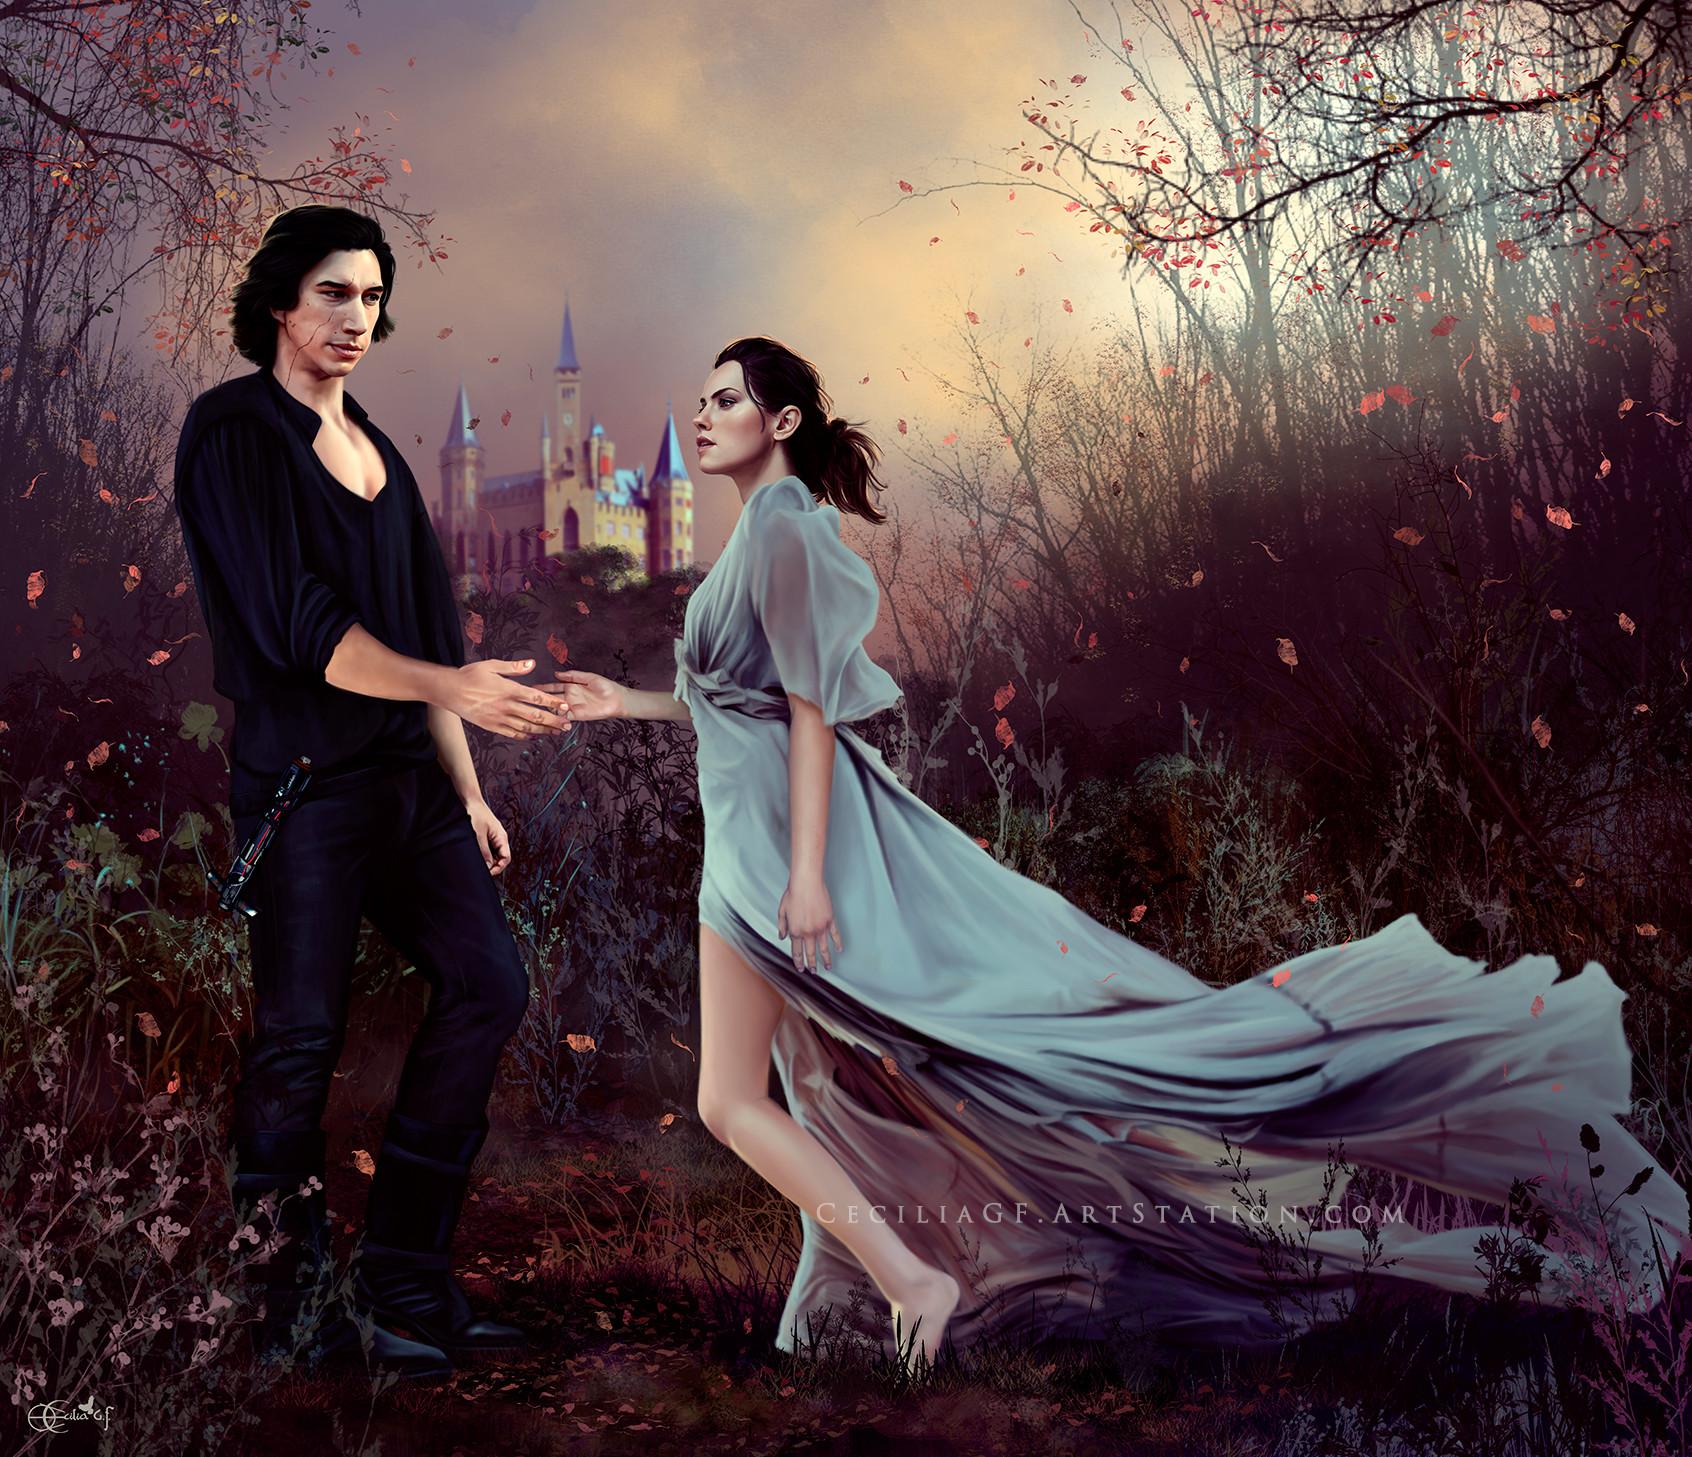 Cecilia g f kylo y rey